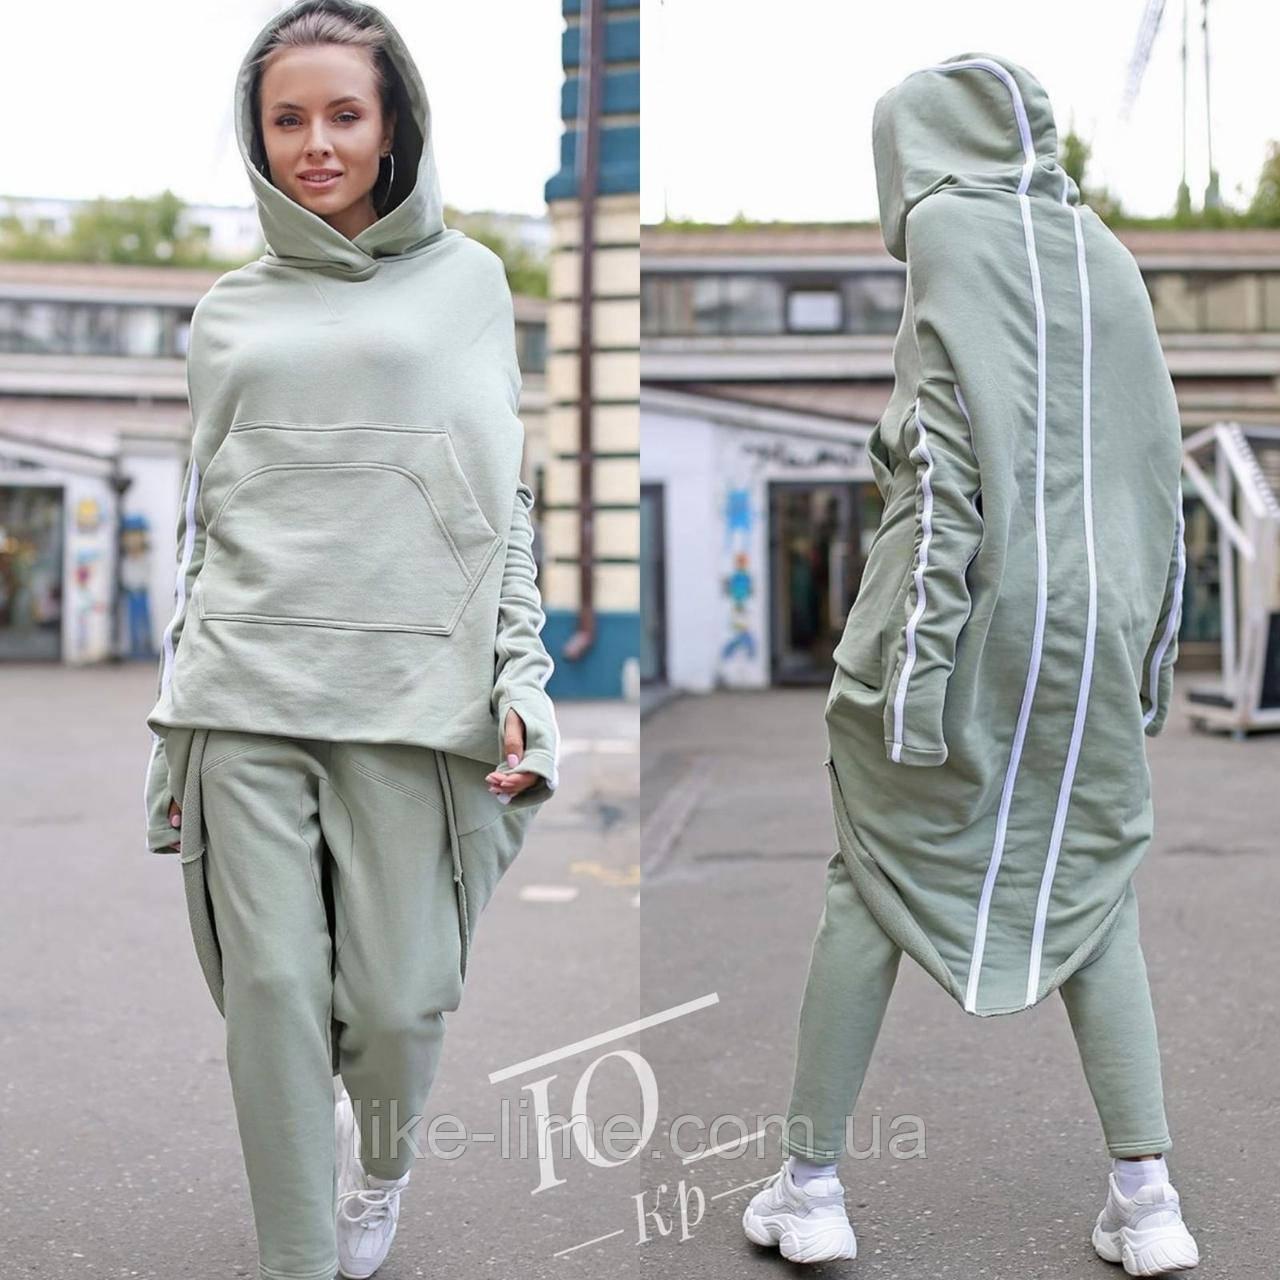 Женский спортивный прогулочный костюм, спортивный костюм для прогулок